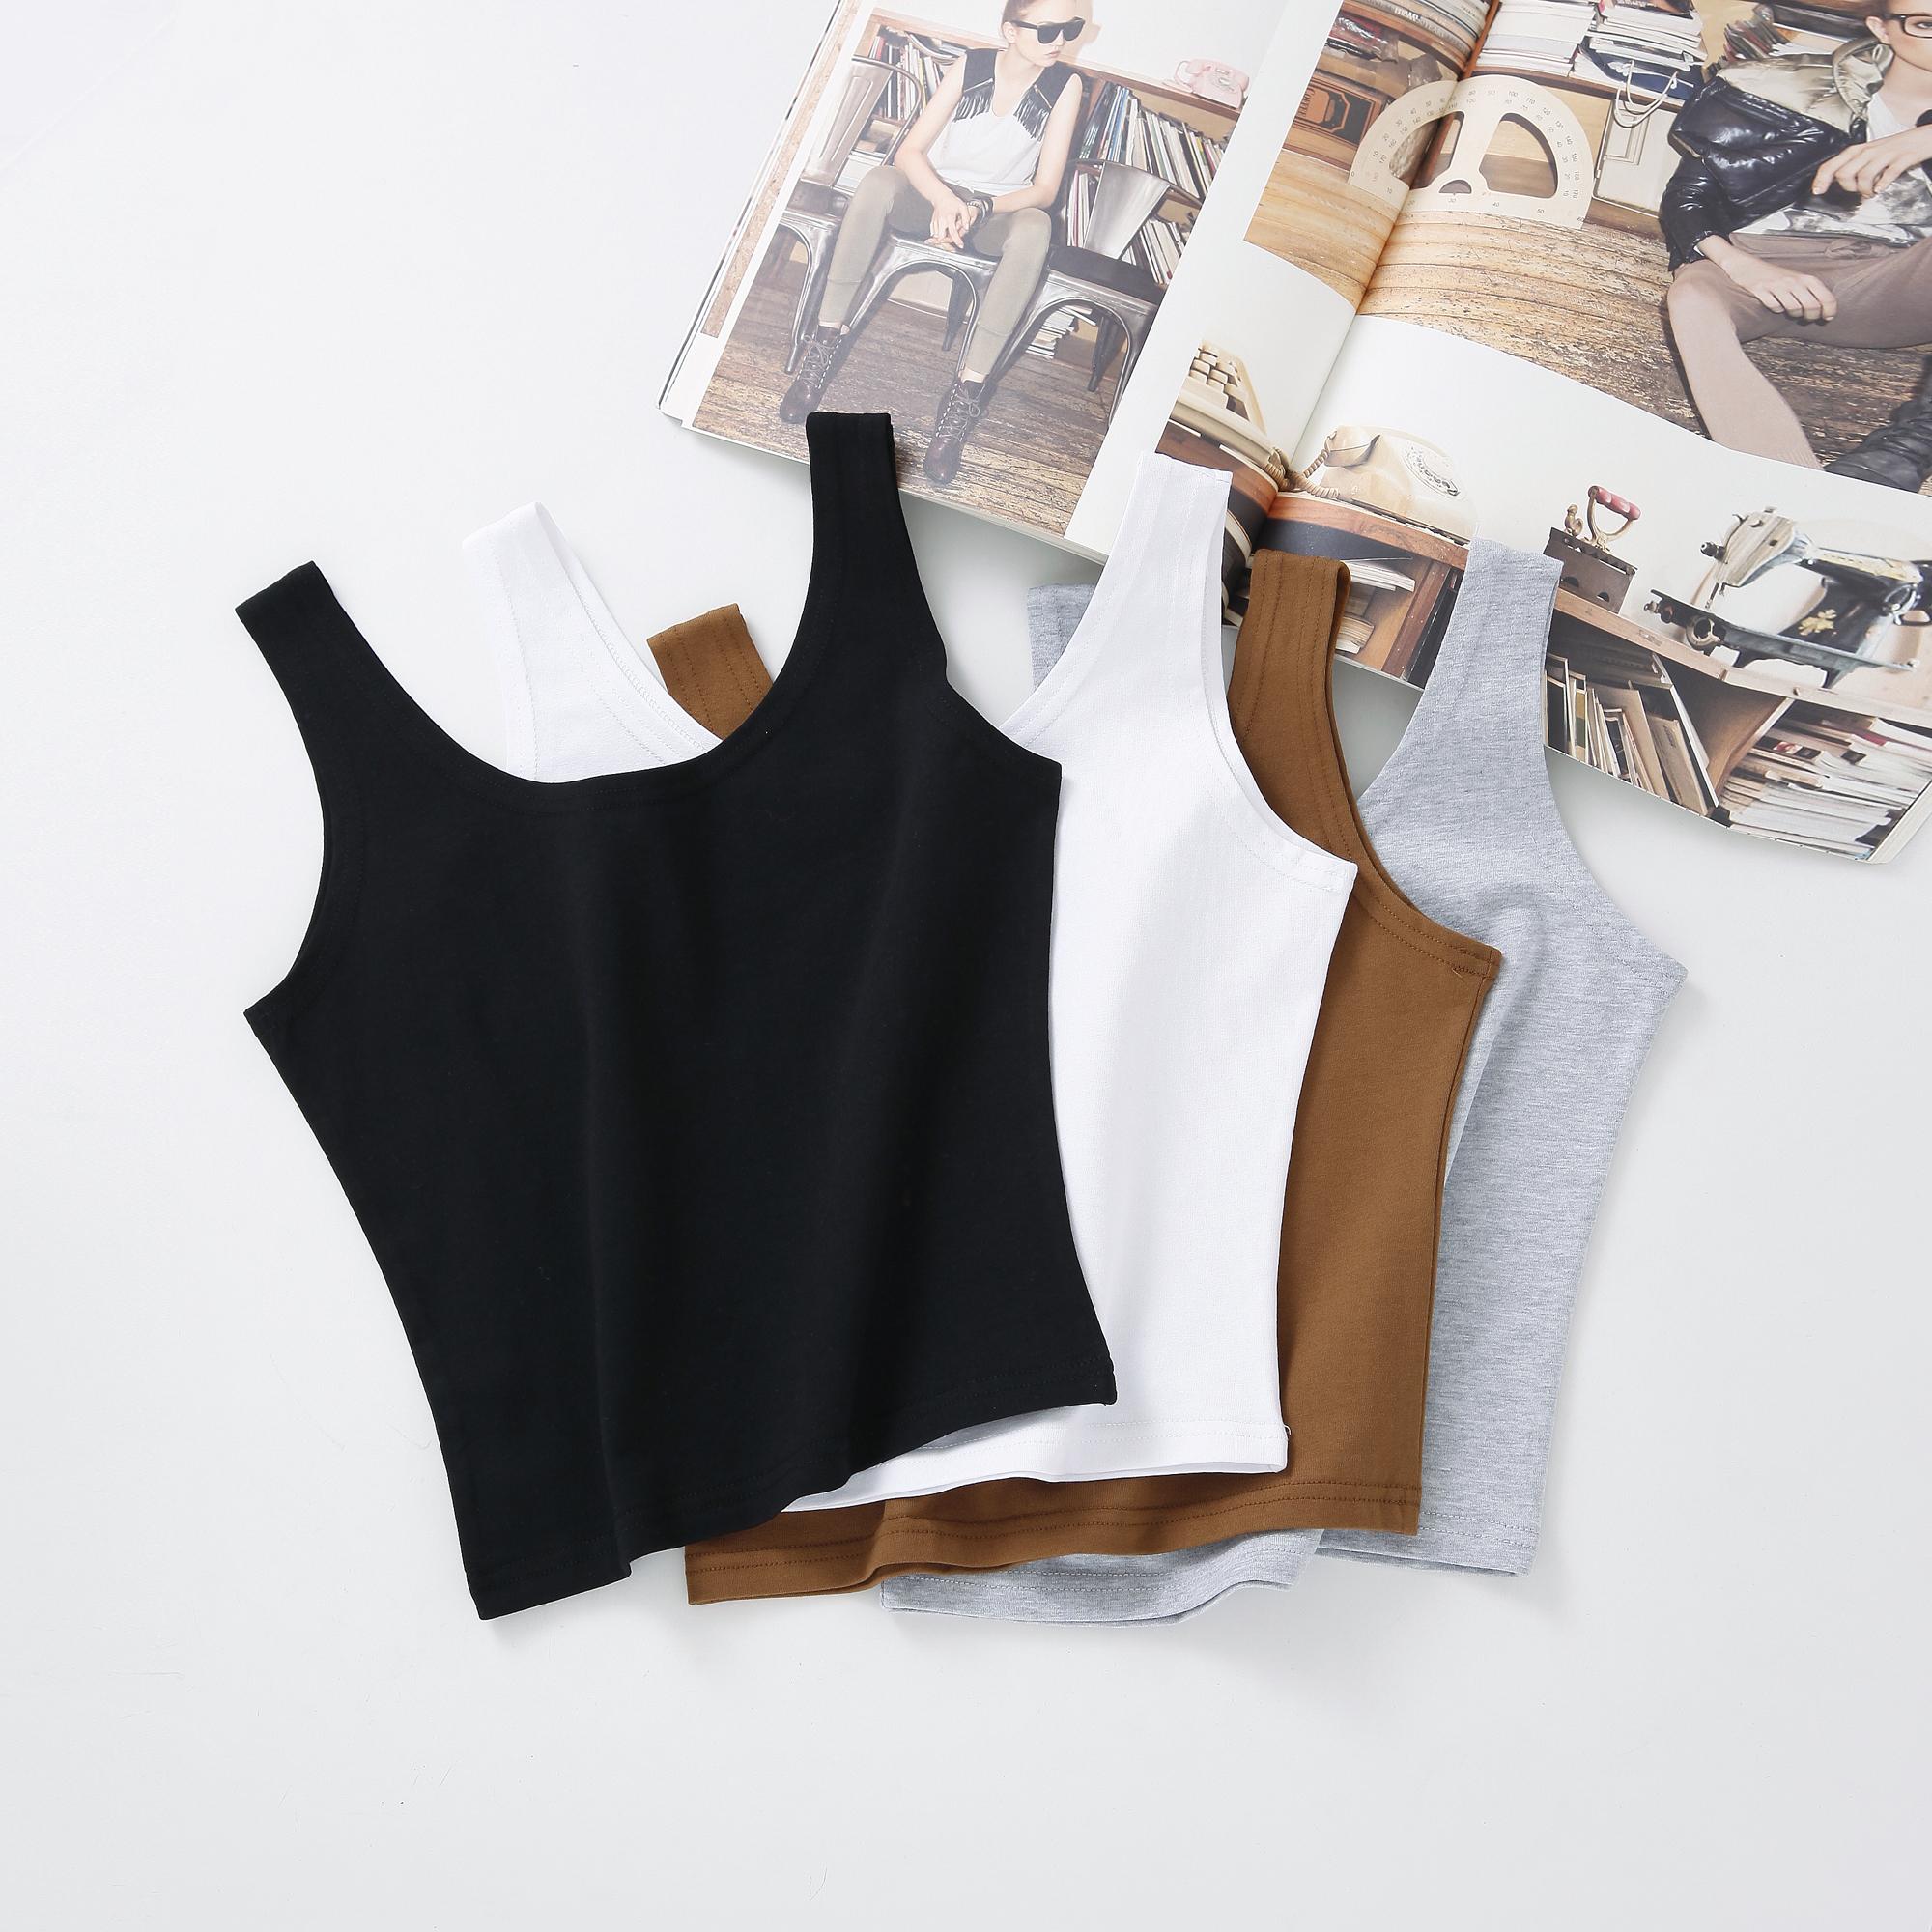 Корейский aa краткое модель талия роса пупок немного назад сердце куртка женщина твердый плотно верхняя одежда безрукавный хлопок поддержка жилет